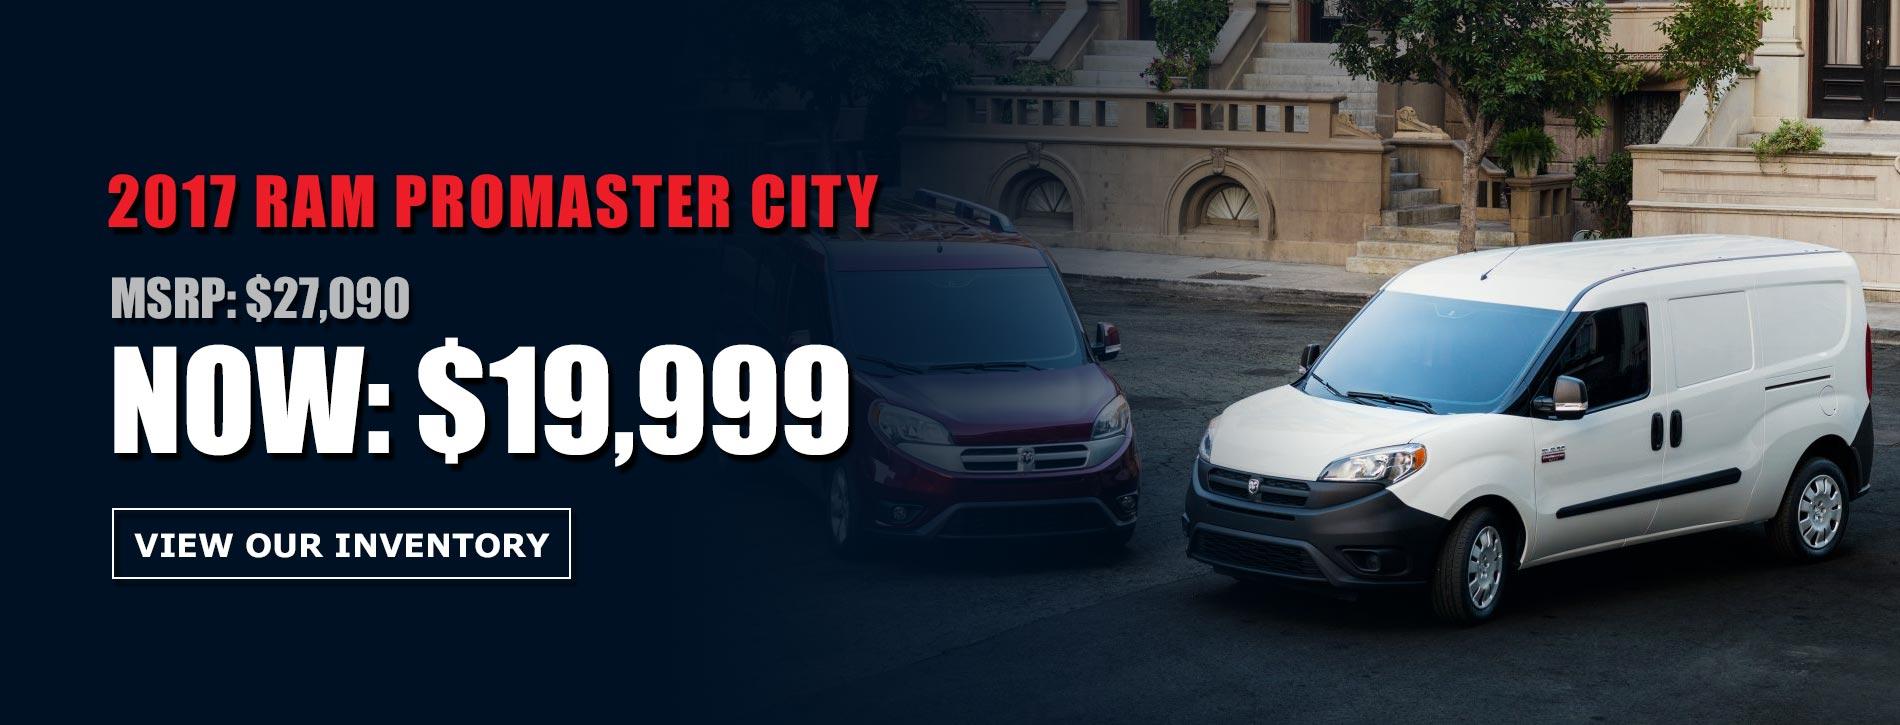 17 Ram Promaster City